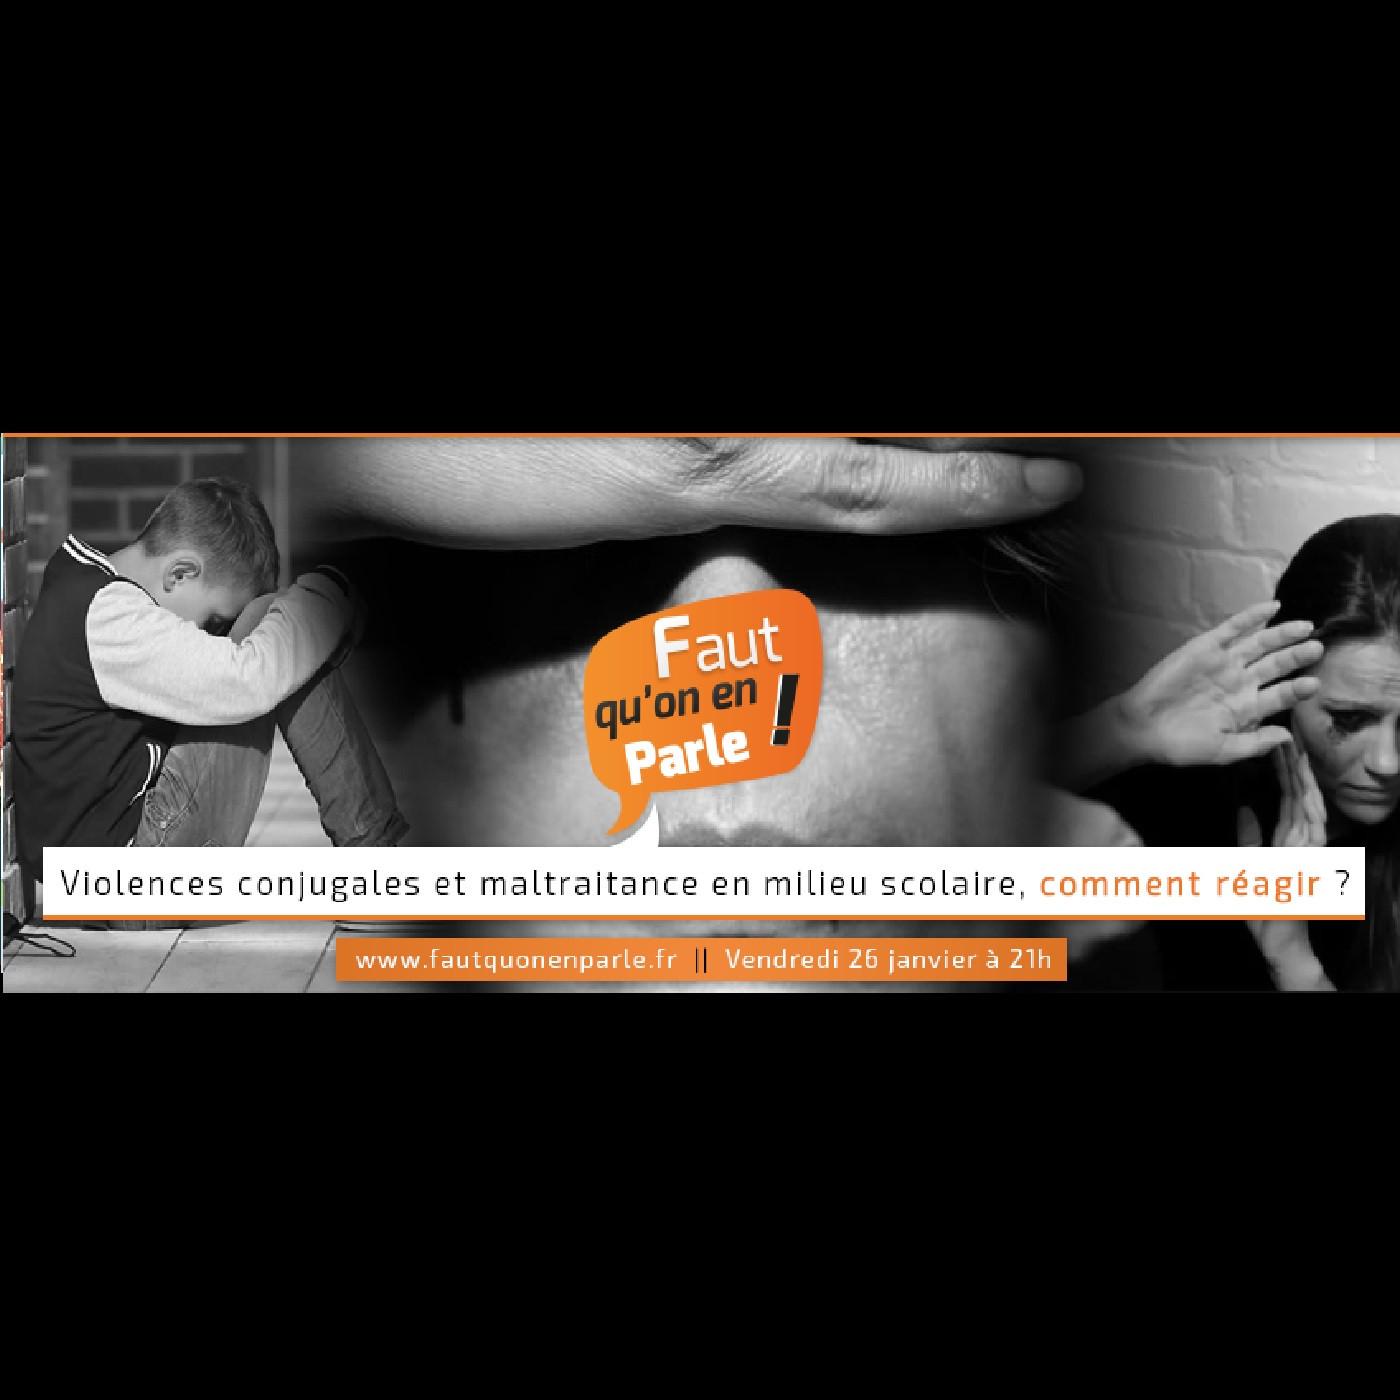 VIOLENCES conjugales et maltraitance en milieu scolaire, comment réagir ?